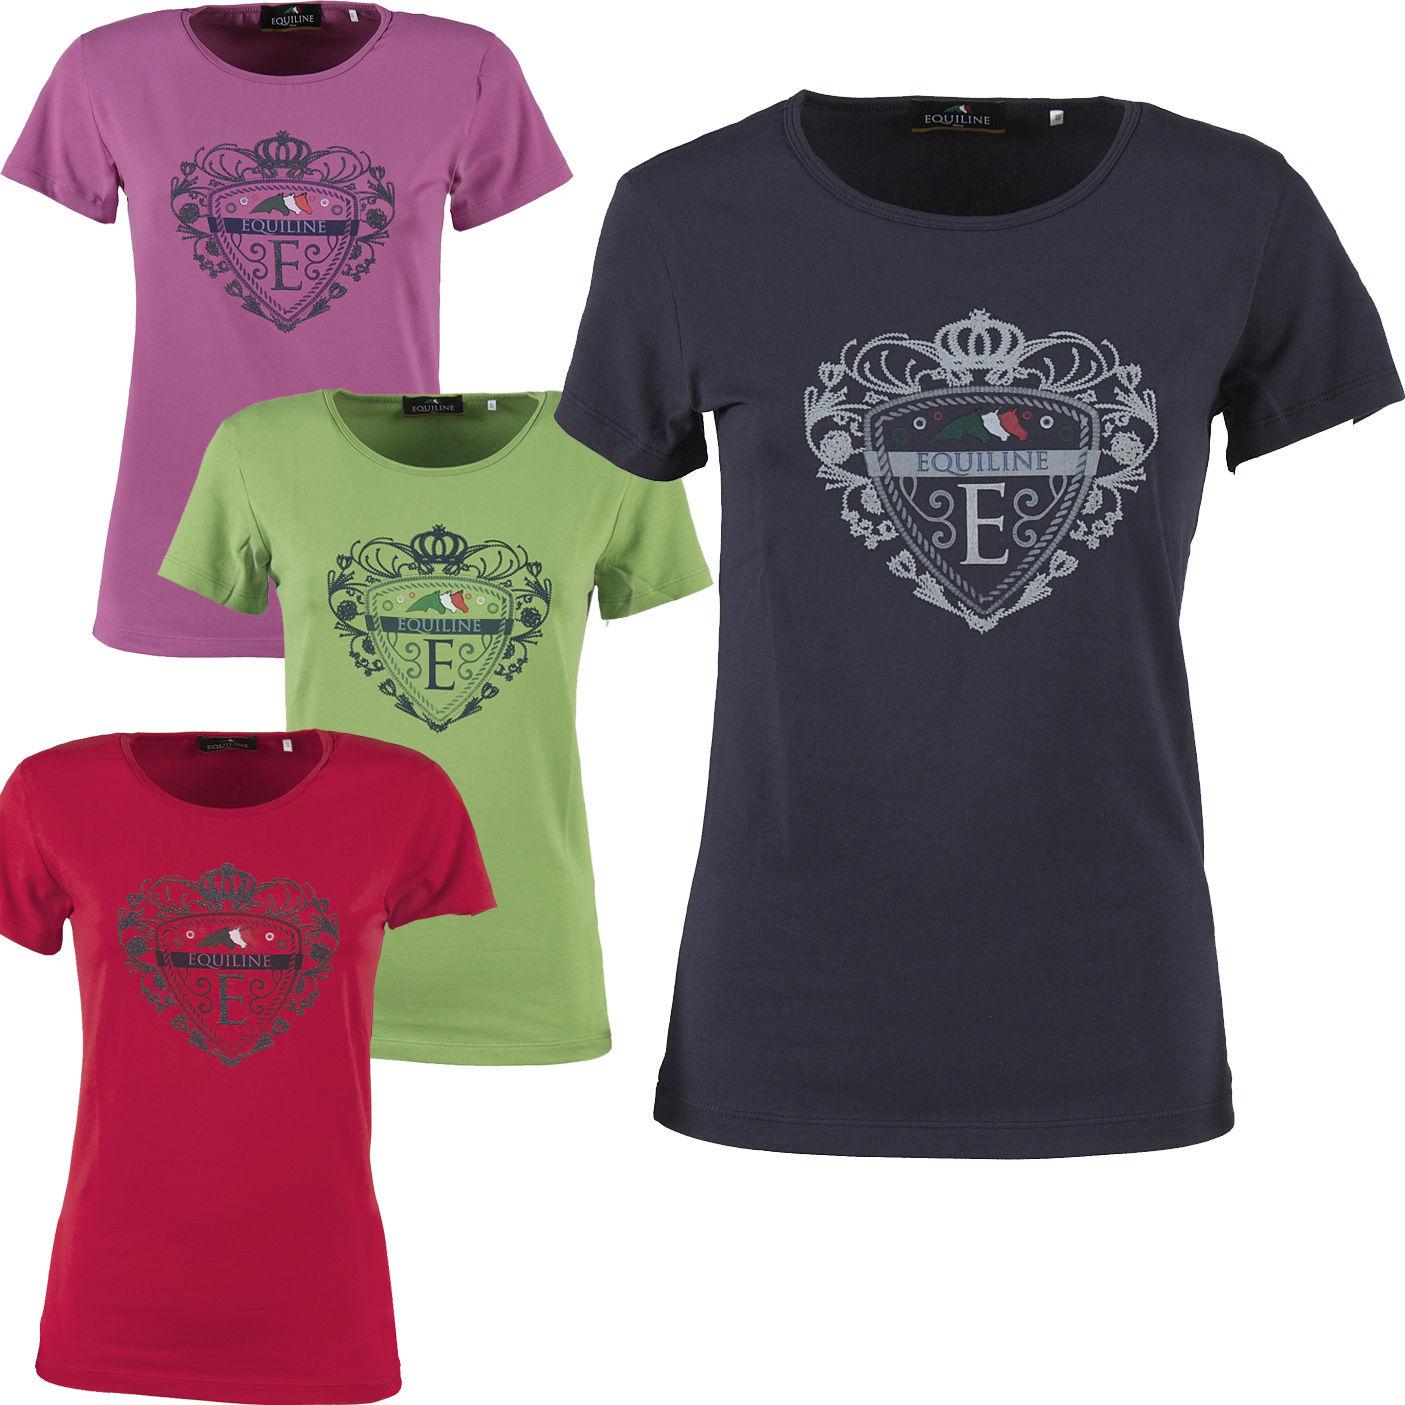 EQUILINE Damen T-Shirt Sammy in Dahila Größe XL